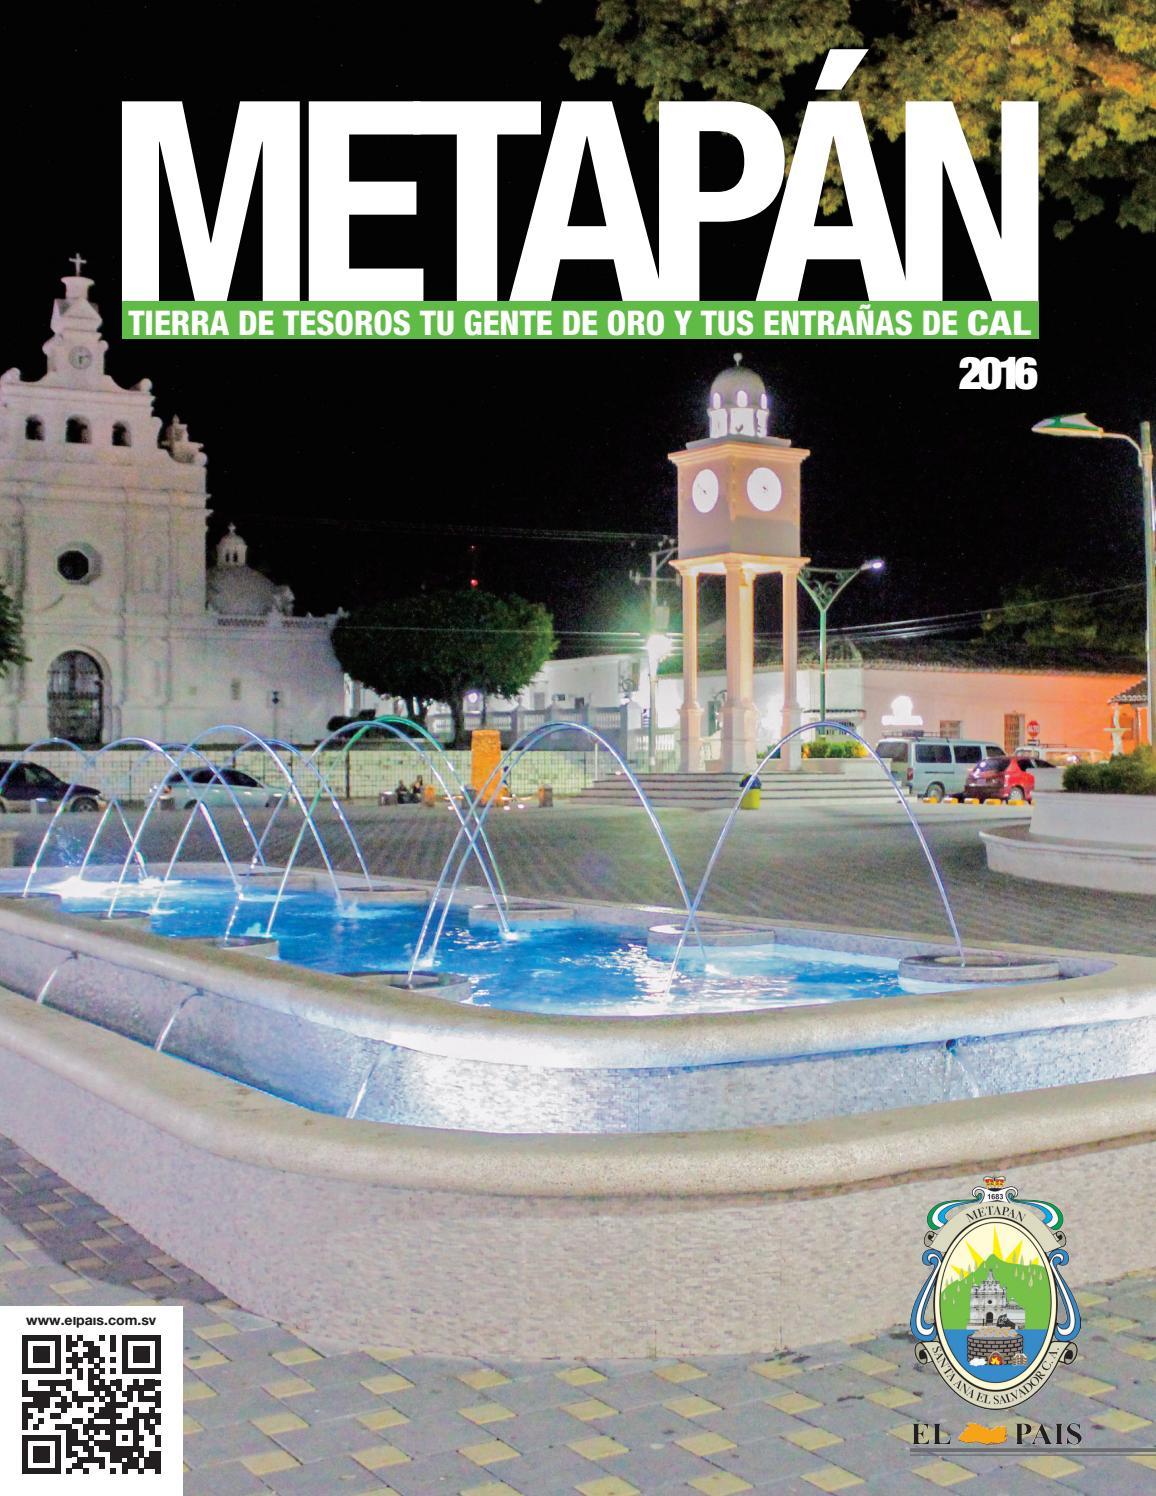 Revista Fiestas Patronales Metapan 2016 By Periodico El Pais El